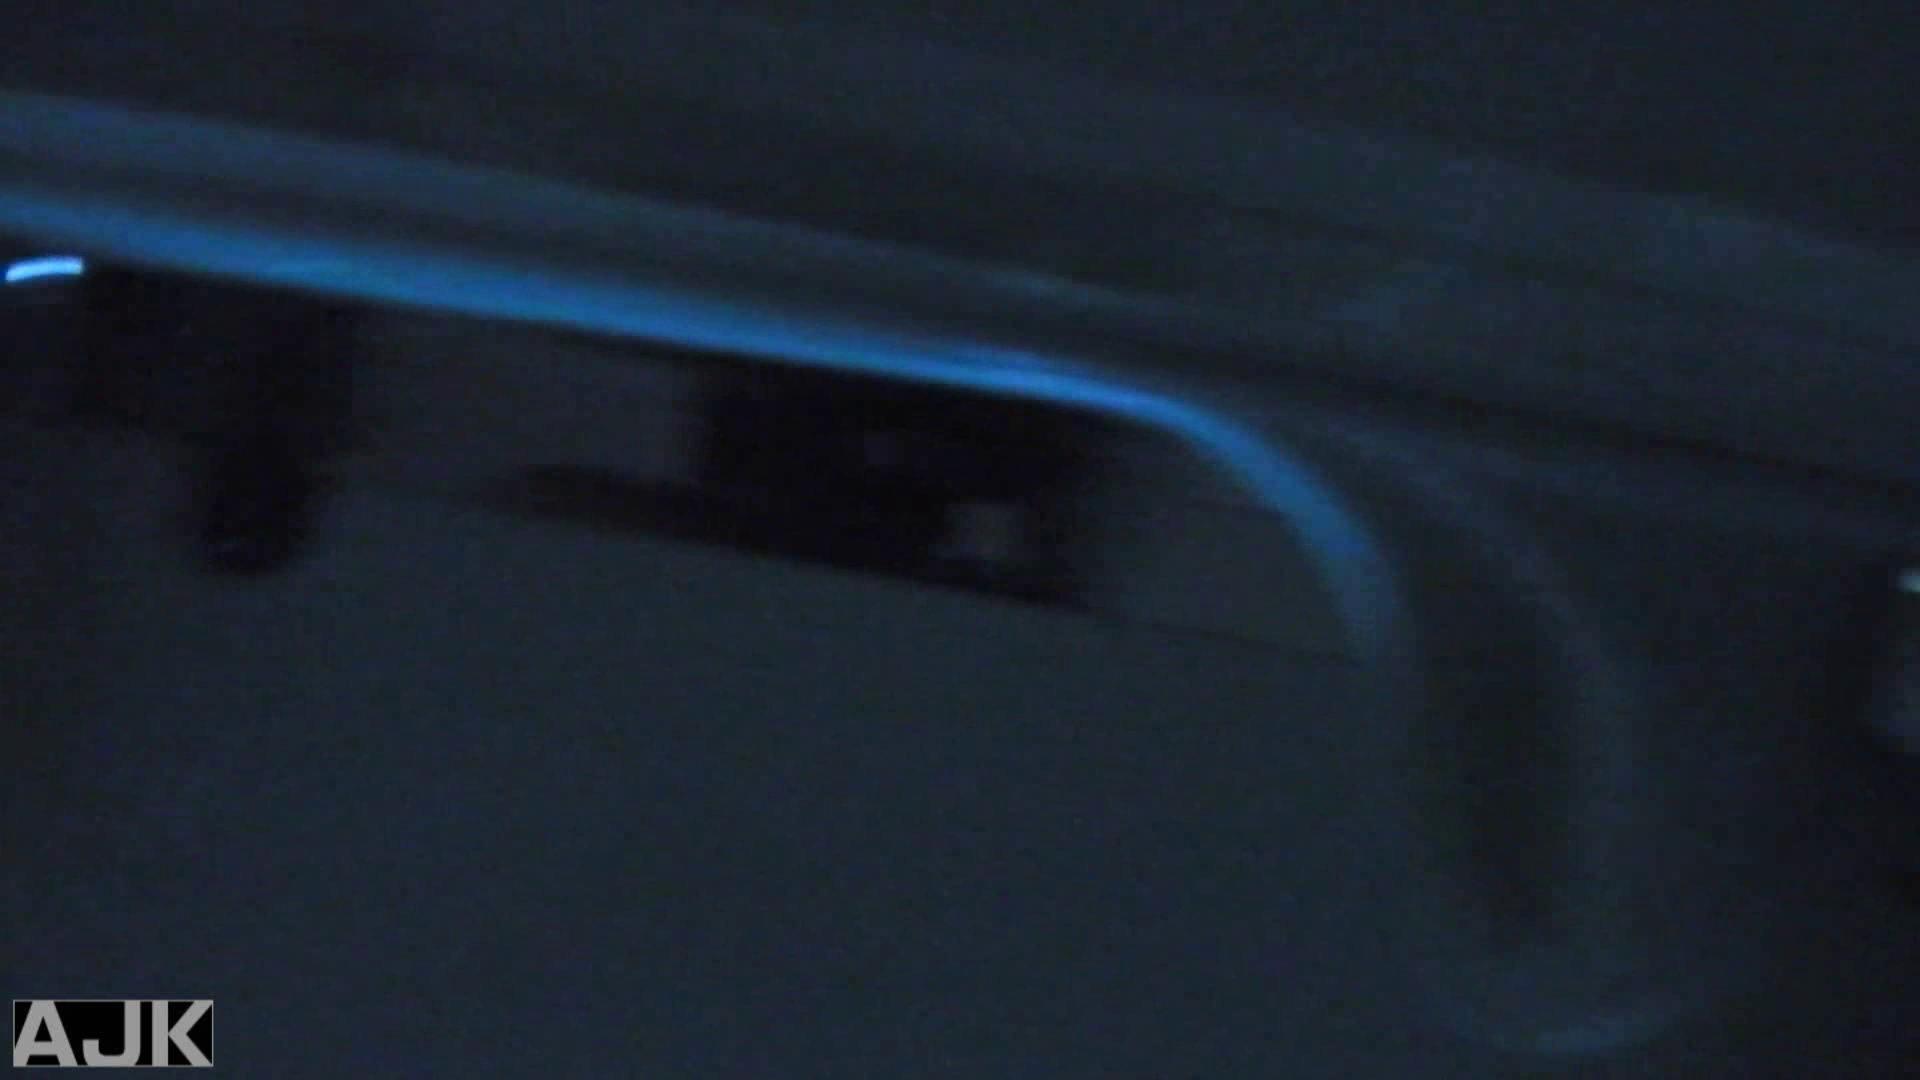 神降臨!史上最強の潜入かわや! vol.05 美しいOLの裸体 隠し撮りオマンコ動画紹介 69pic 37